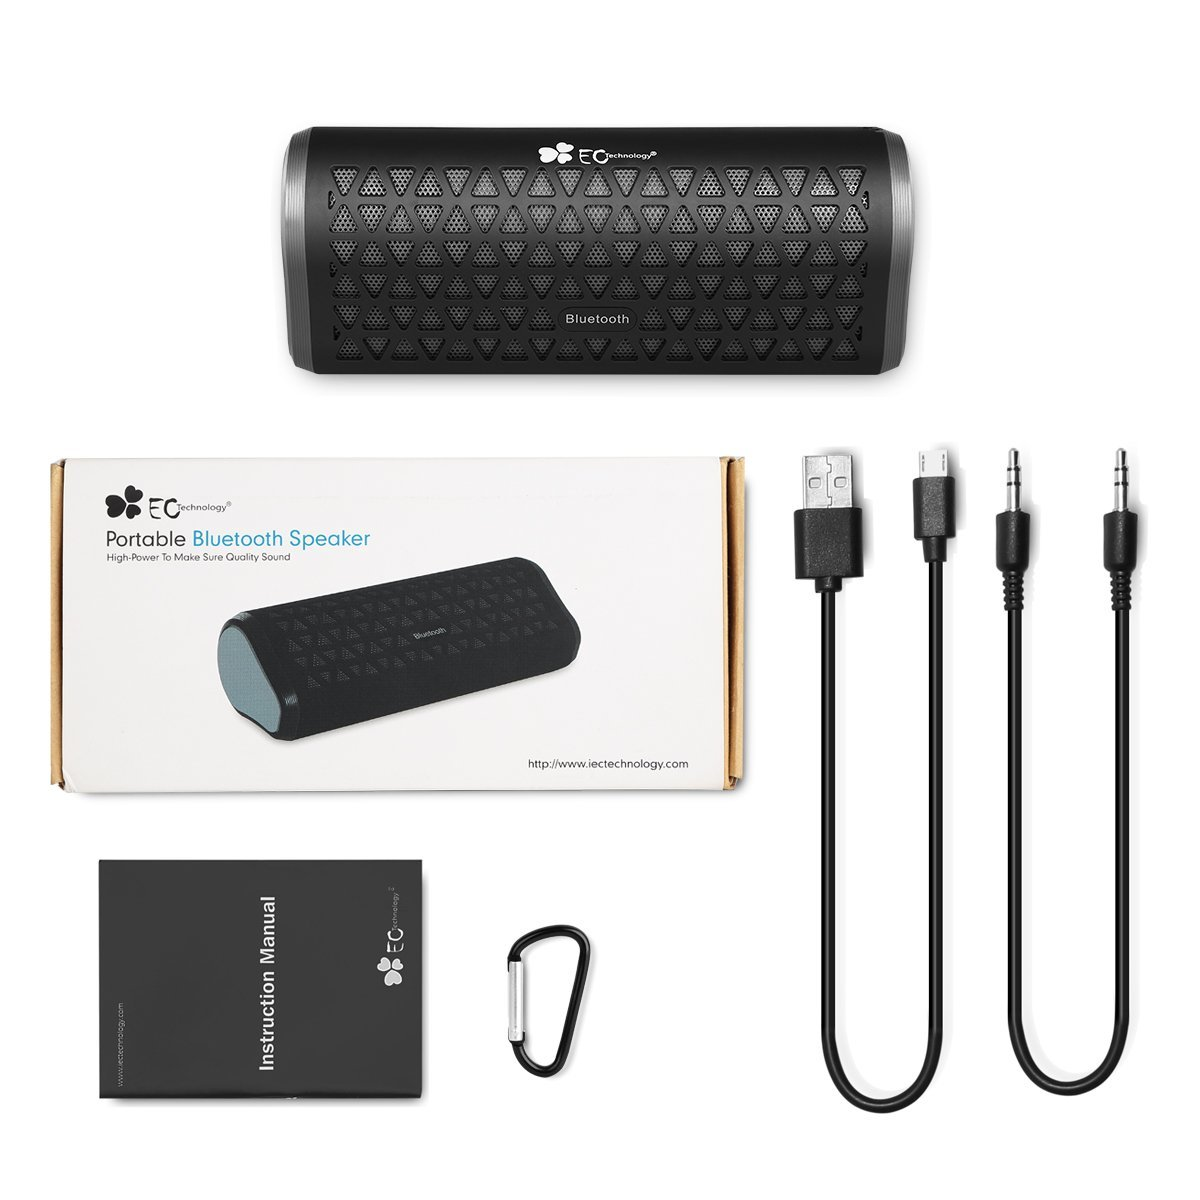 Der Lieferumfang umfasst die Bluetooth Lautsprecher, ein MicroUSB-Kabel, ein Kinkenkabel und einen Karabinerhaken.